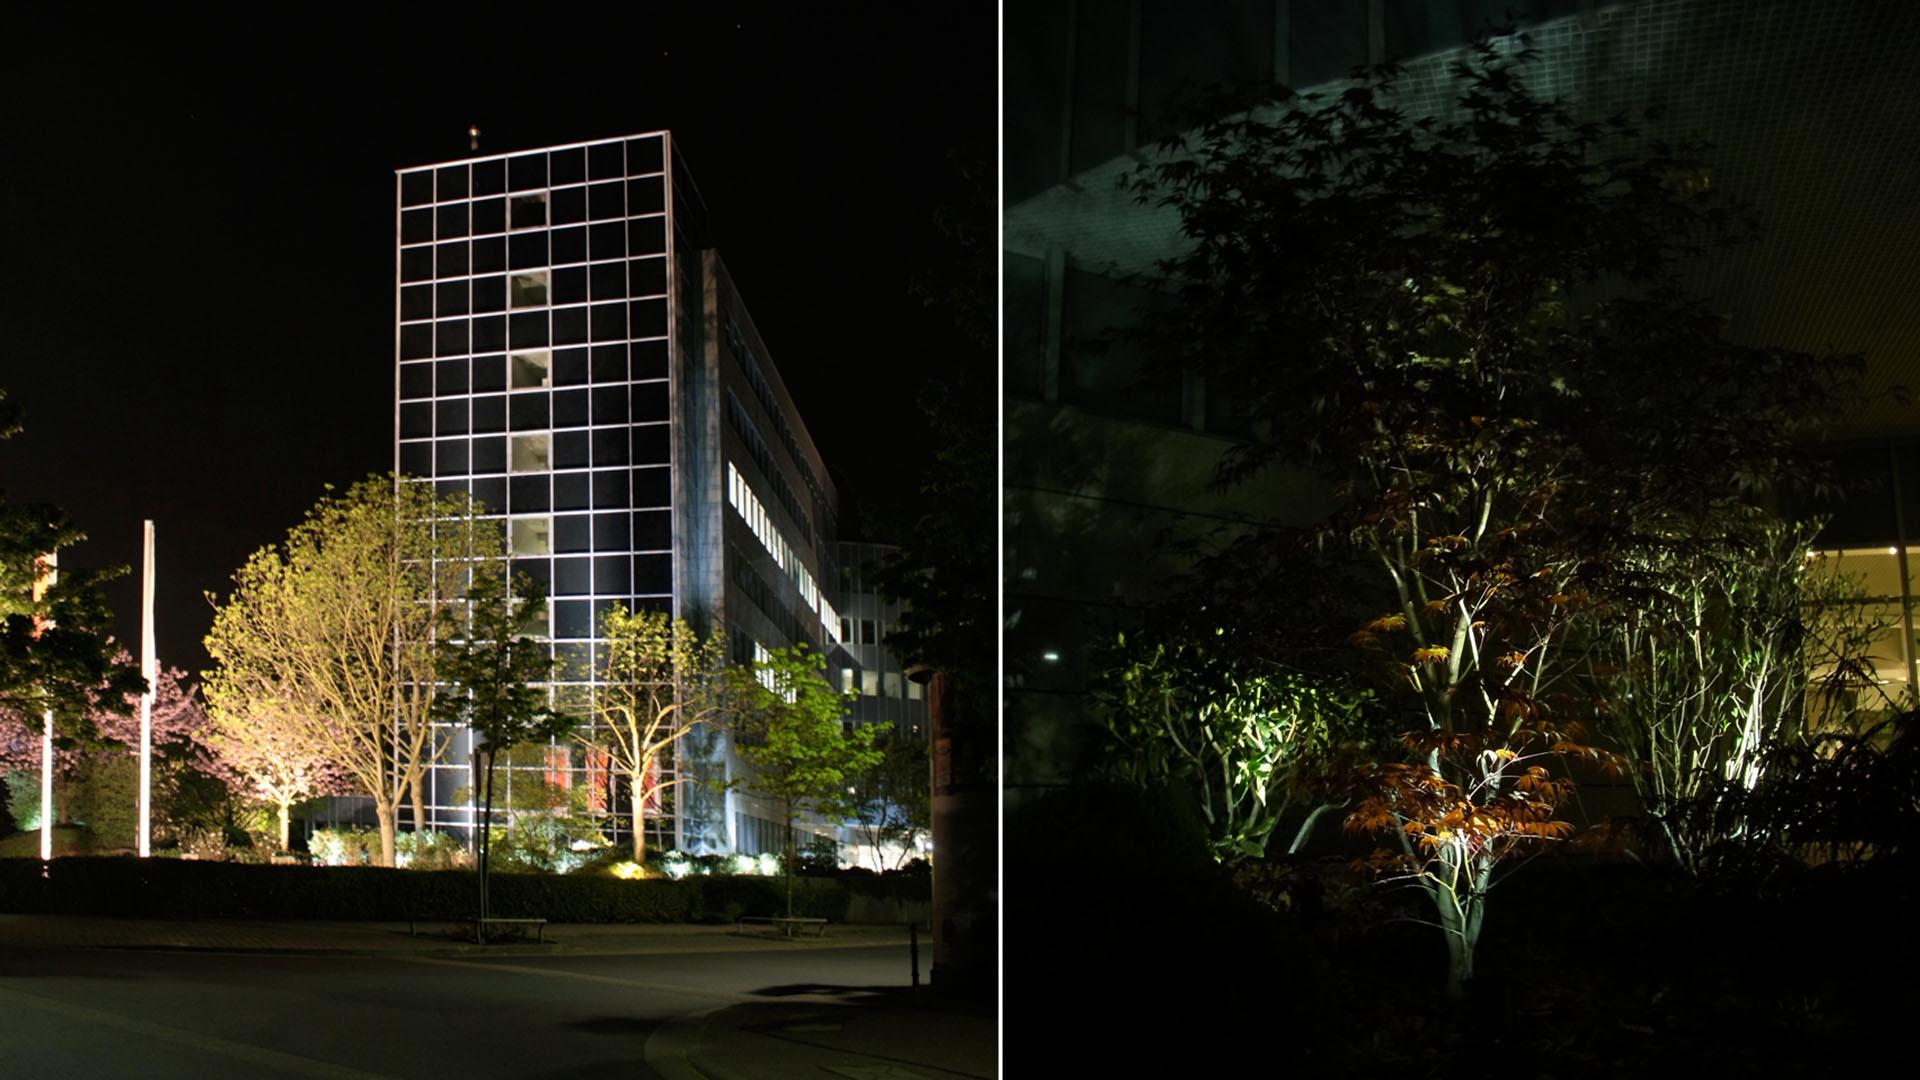 MAASS-Lichtplanung_Lichtplanung für Fassade und Freiflächen__02_Olof-Palme-Straße_Slideshow_09_05